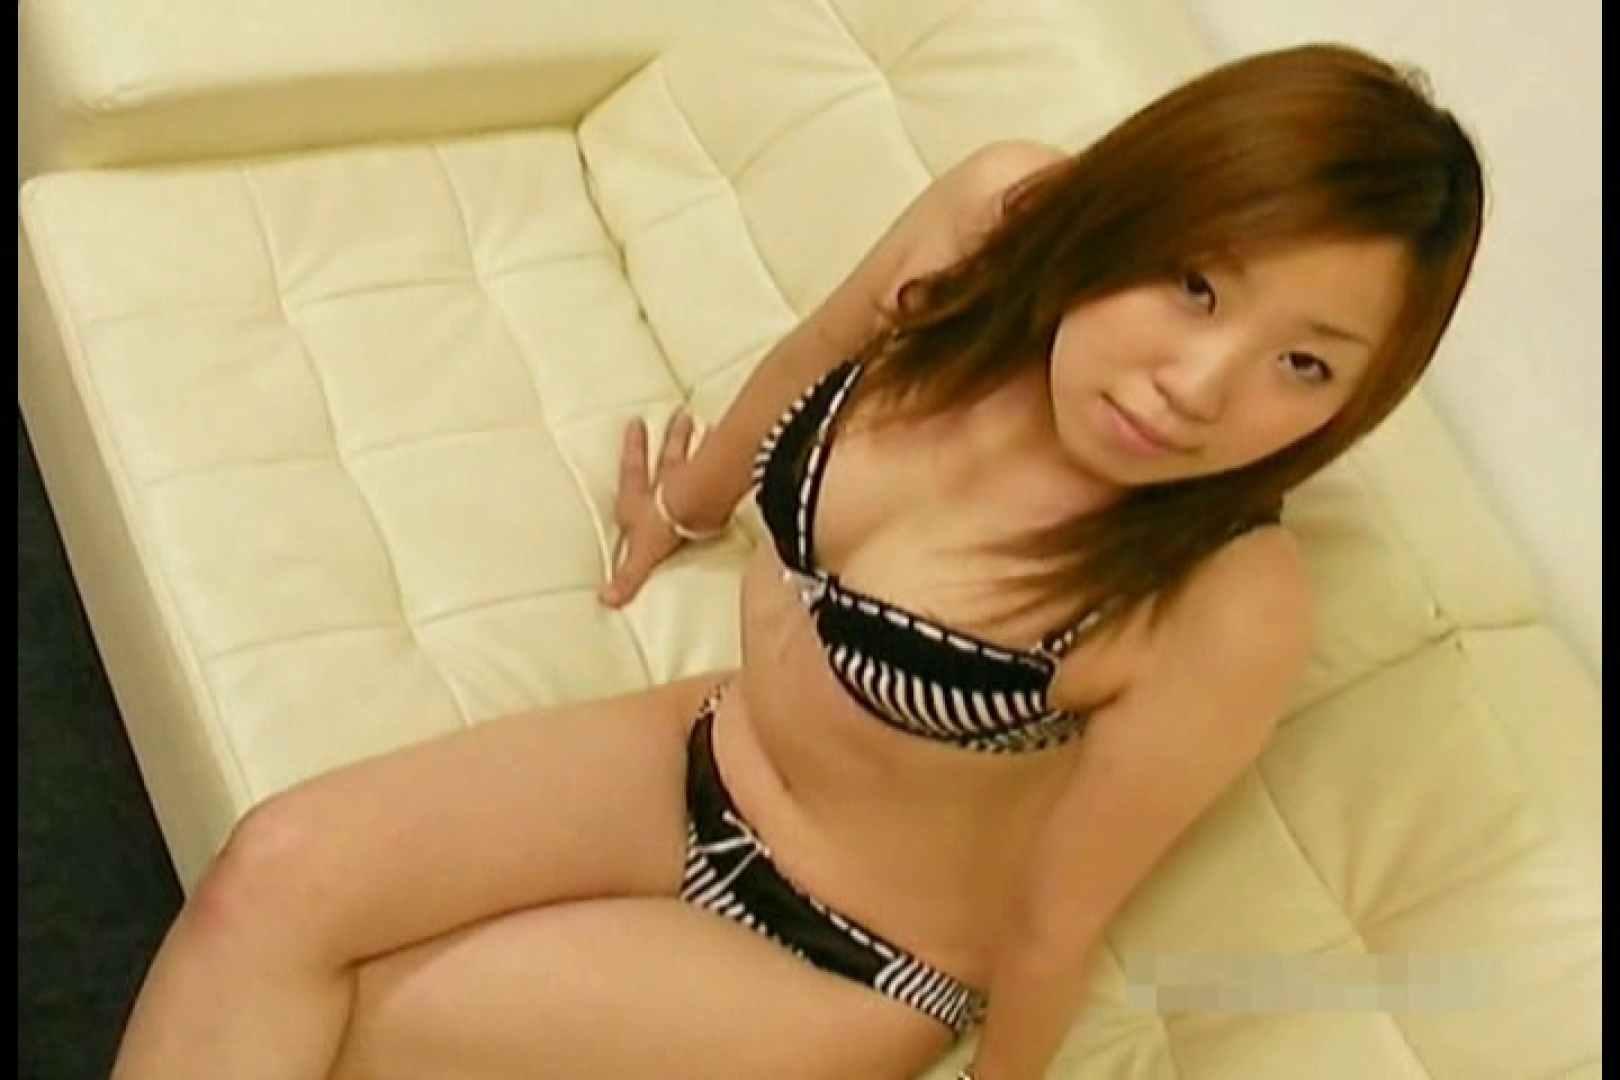 素人撮影 下着だけの撮影のはずが・・・愛22歳 丸見えマンコ 隠し撮りオマンコ動画紹介 55PIX 35